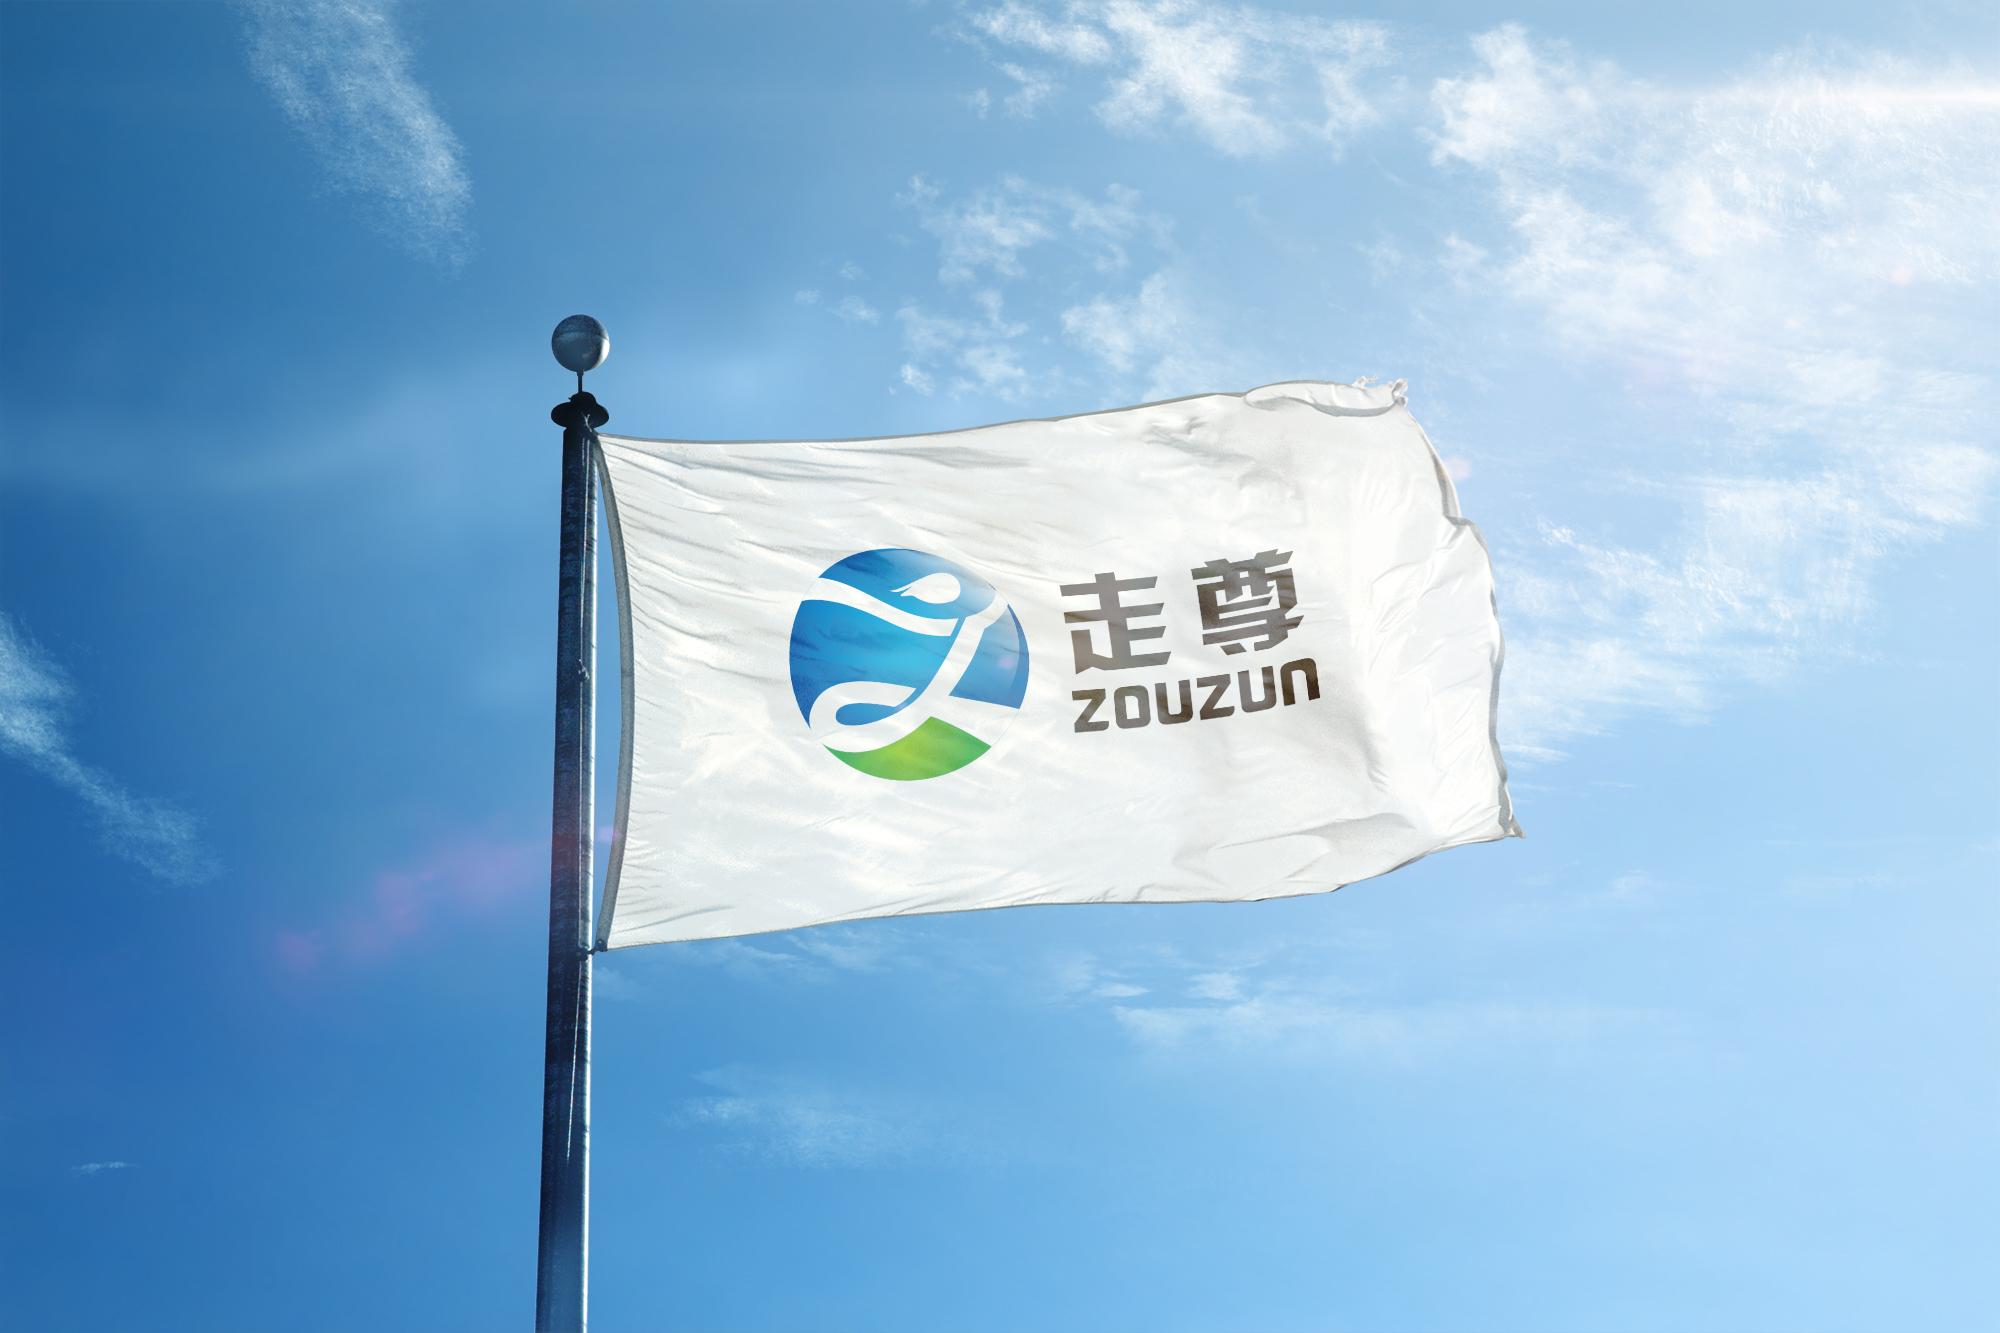 logo标志设计_3033262_k68威客网